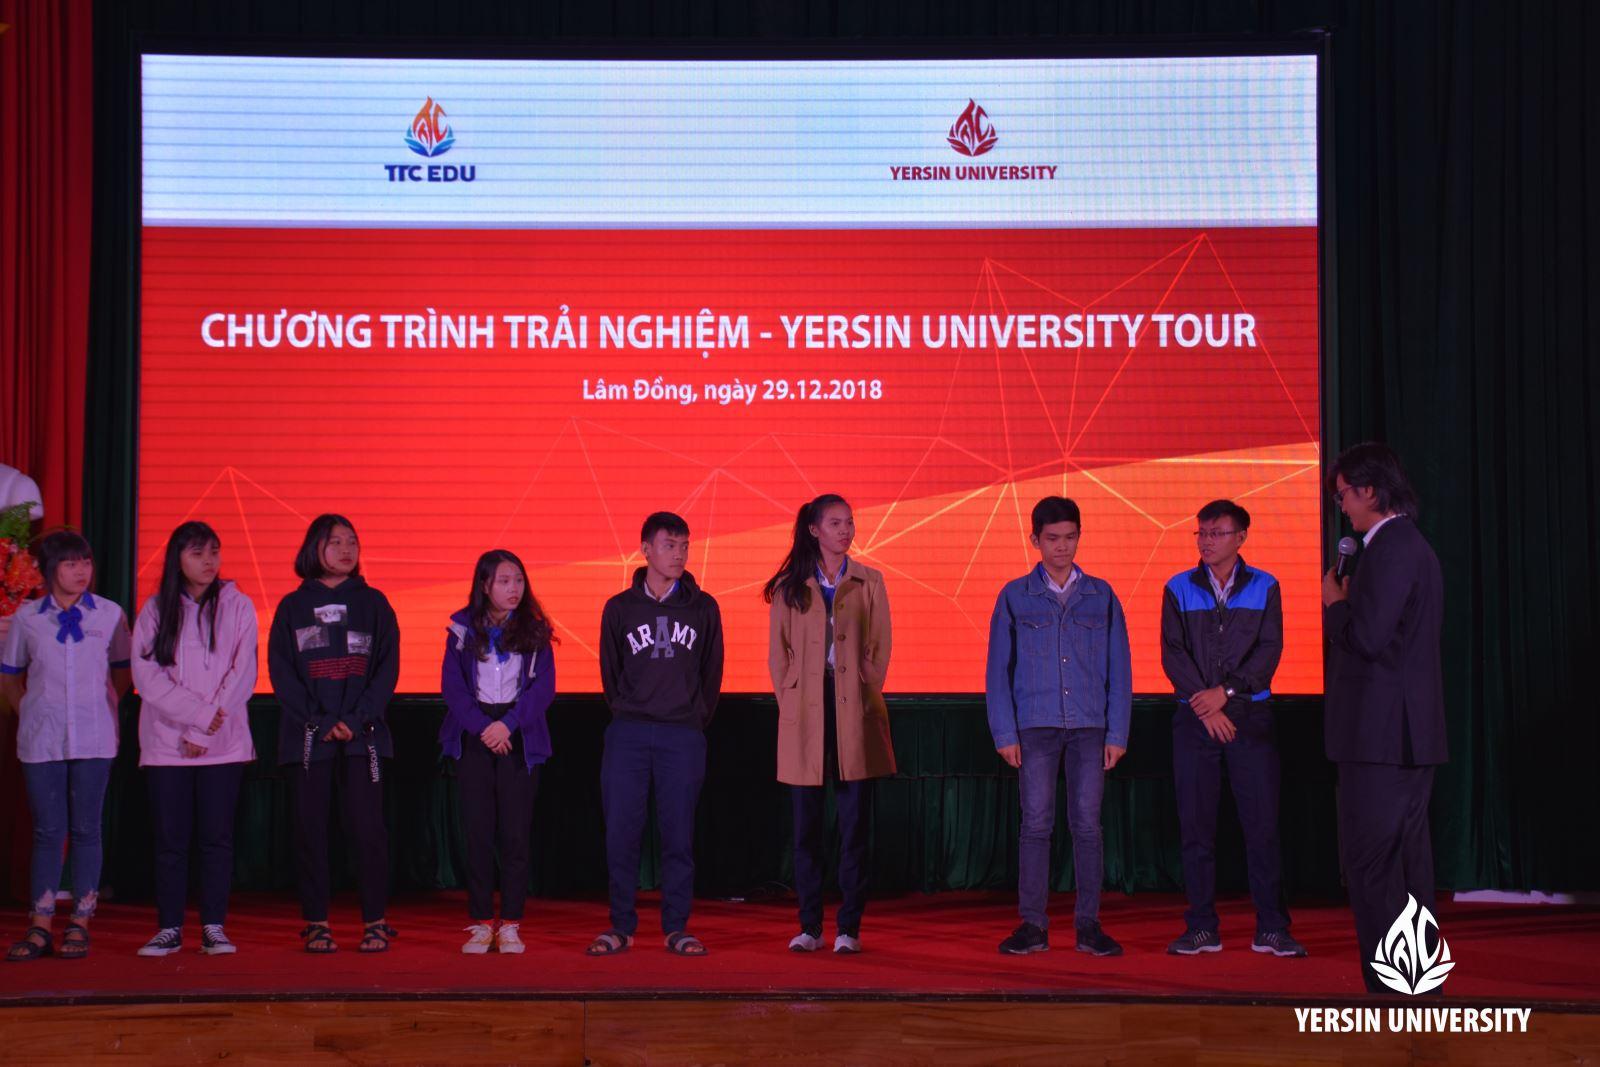 Ông Trịnh Trúc Linh – Giám đốc CTCP Công nghệ & Dịch vụ Nata Vietnam và ông Trần Lê Vinh – Giám đốc sản xuất Công ty DXC Vietnam chia sẻ tại chương trình.